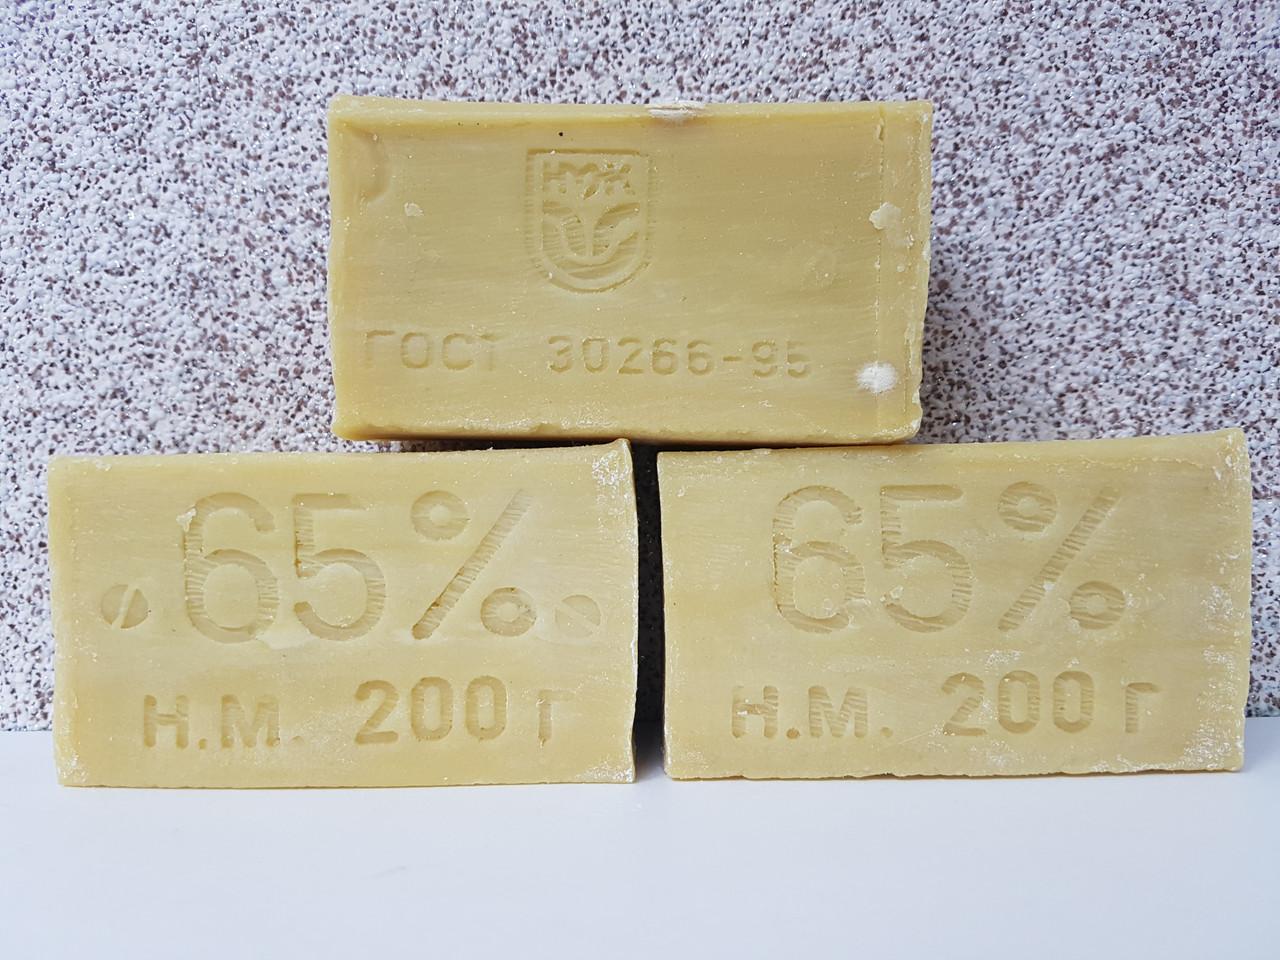 Хозяйственное мыло, 200 гр, 65%